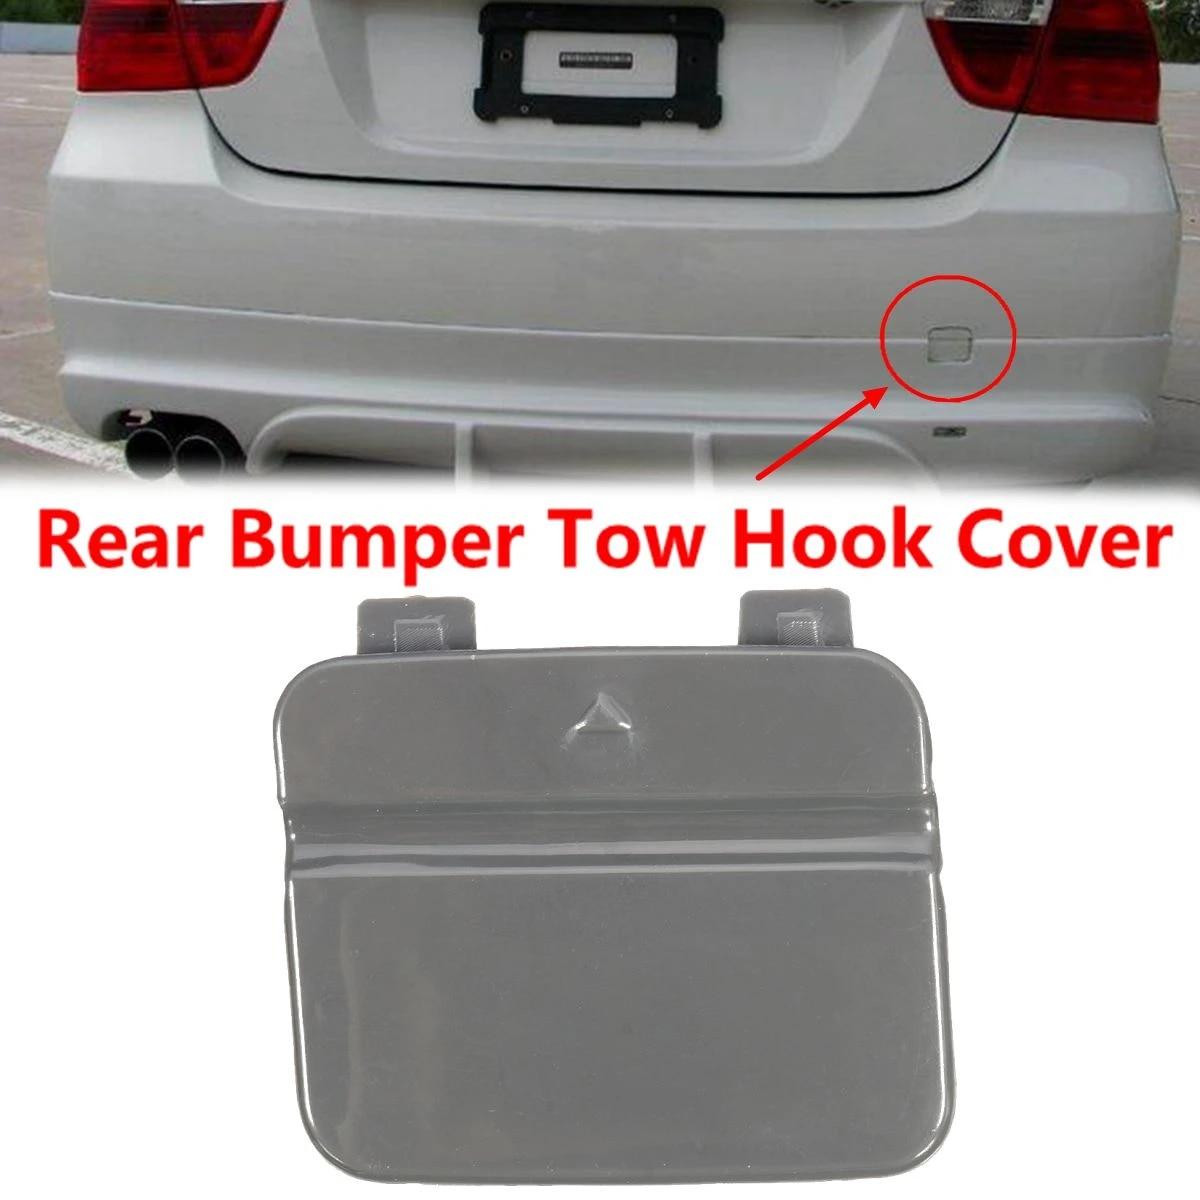 Rear Bumper Tow Hook Cover Genuine BMW E90 LCI 3 Series Non M Sport 51127202673